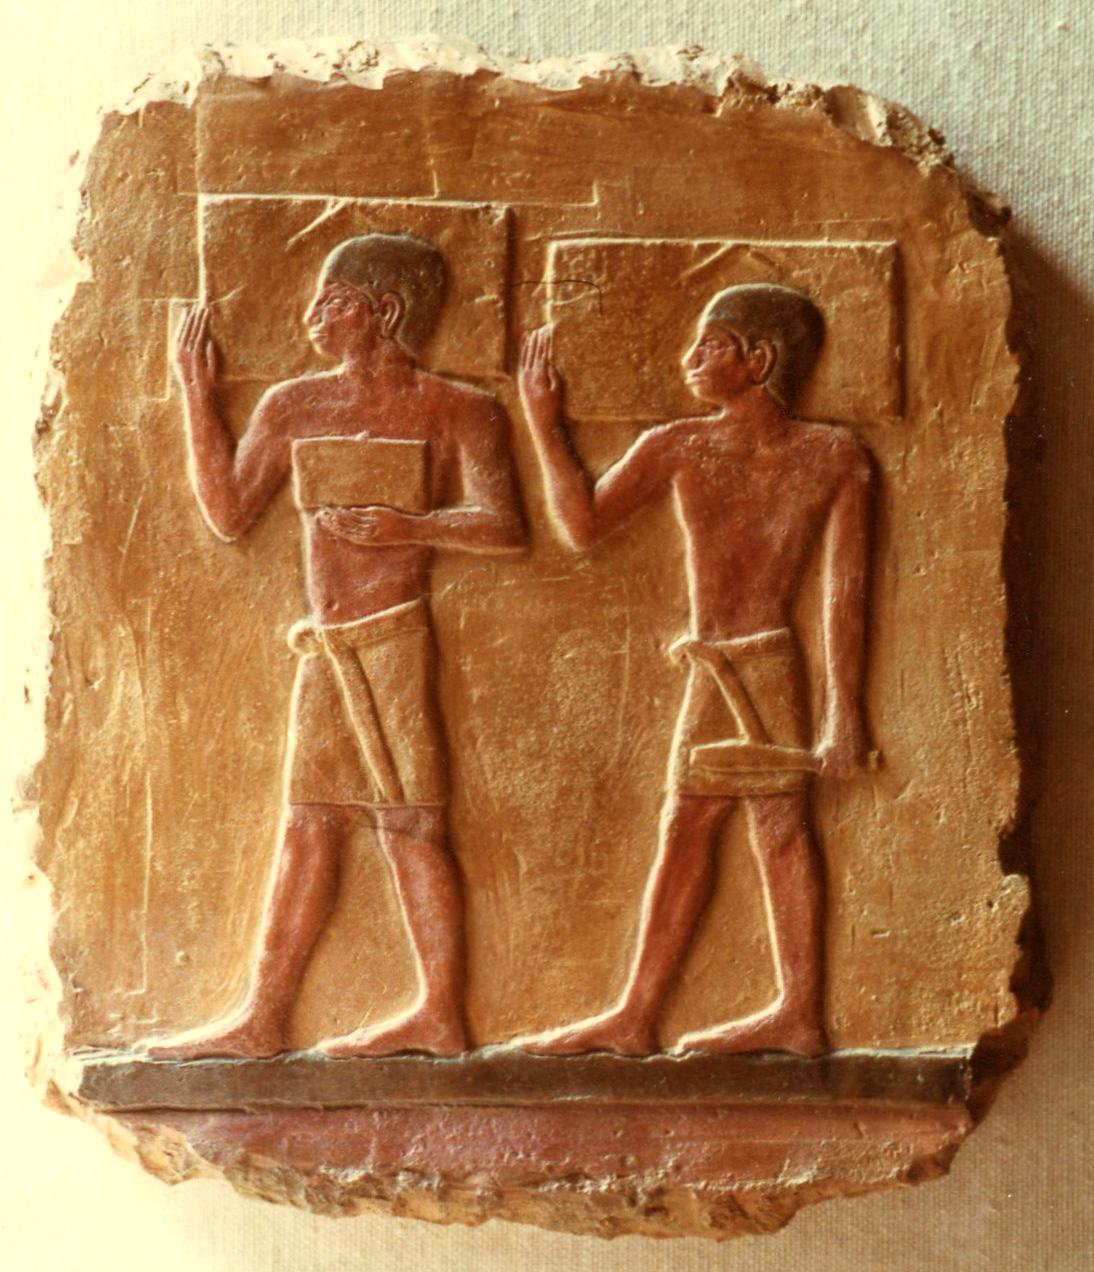 frammento di arte Egizia . copia eseguita in argilla trattata come antico reperto archeologico egizio